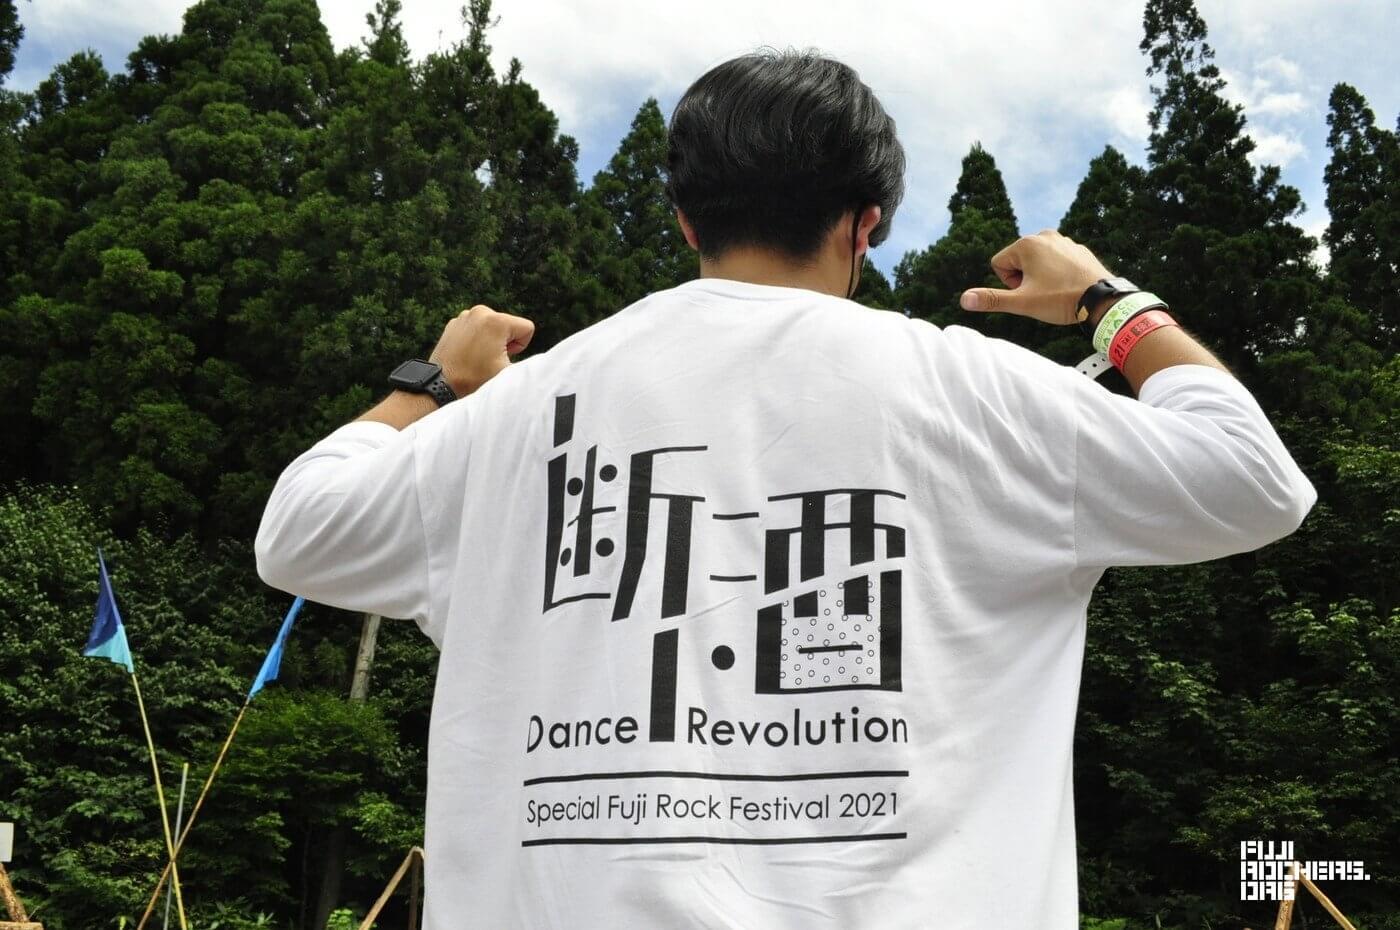 断酒 Dance Revolution